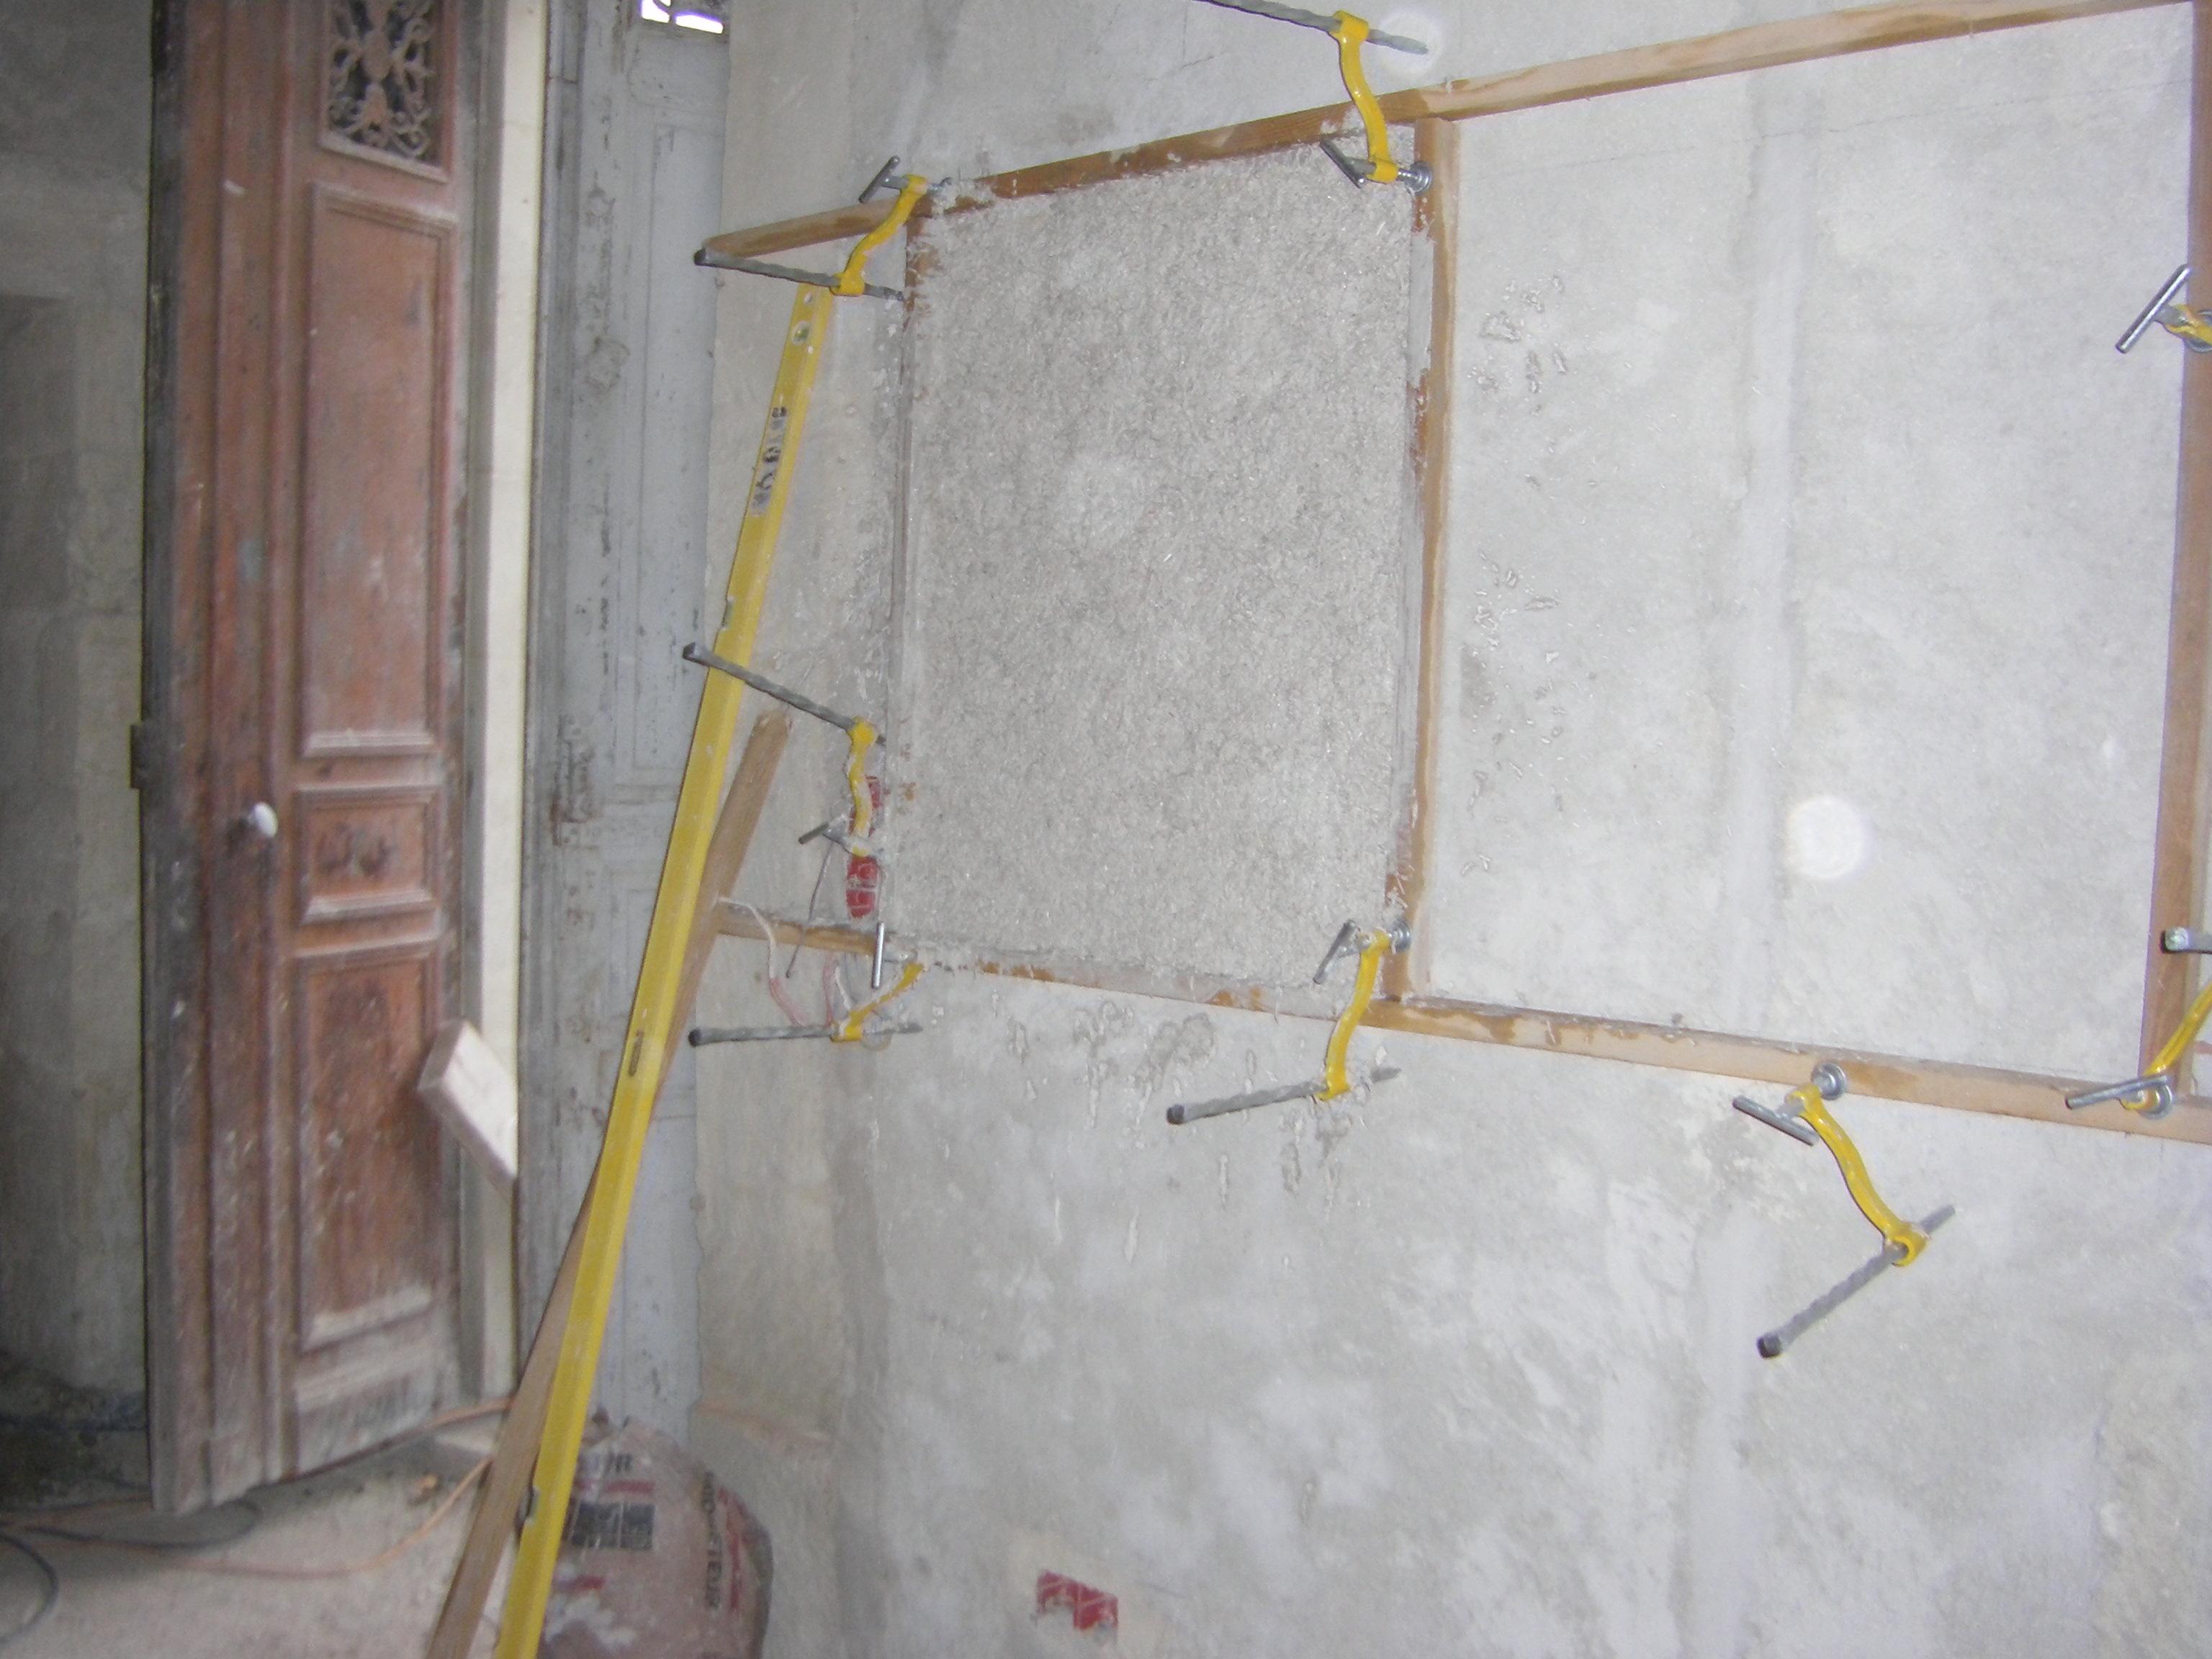 Desportes rénovation, Gard 30, restauration d'une maison avec enduit intérieur à la chaux, le gobetis ou couche d'accroche